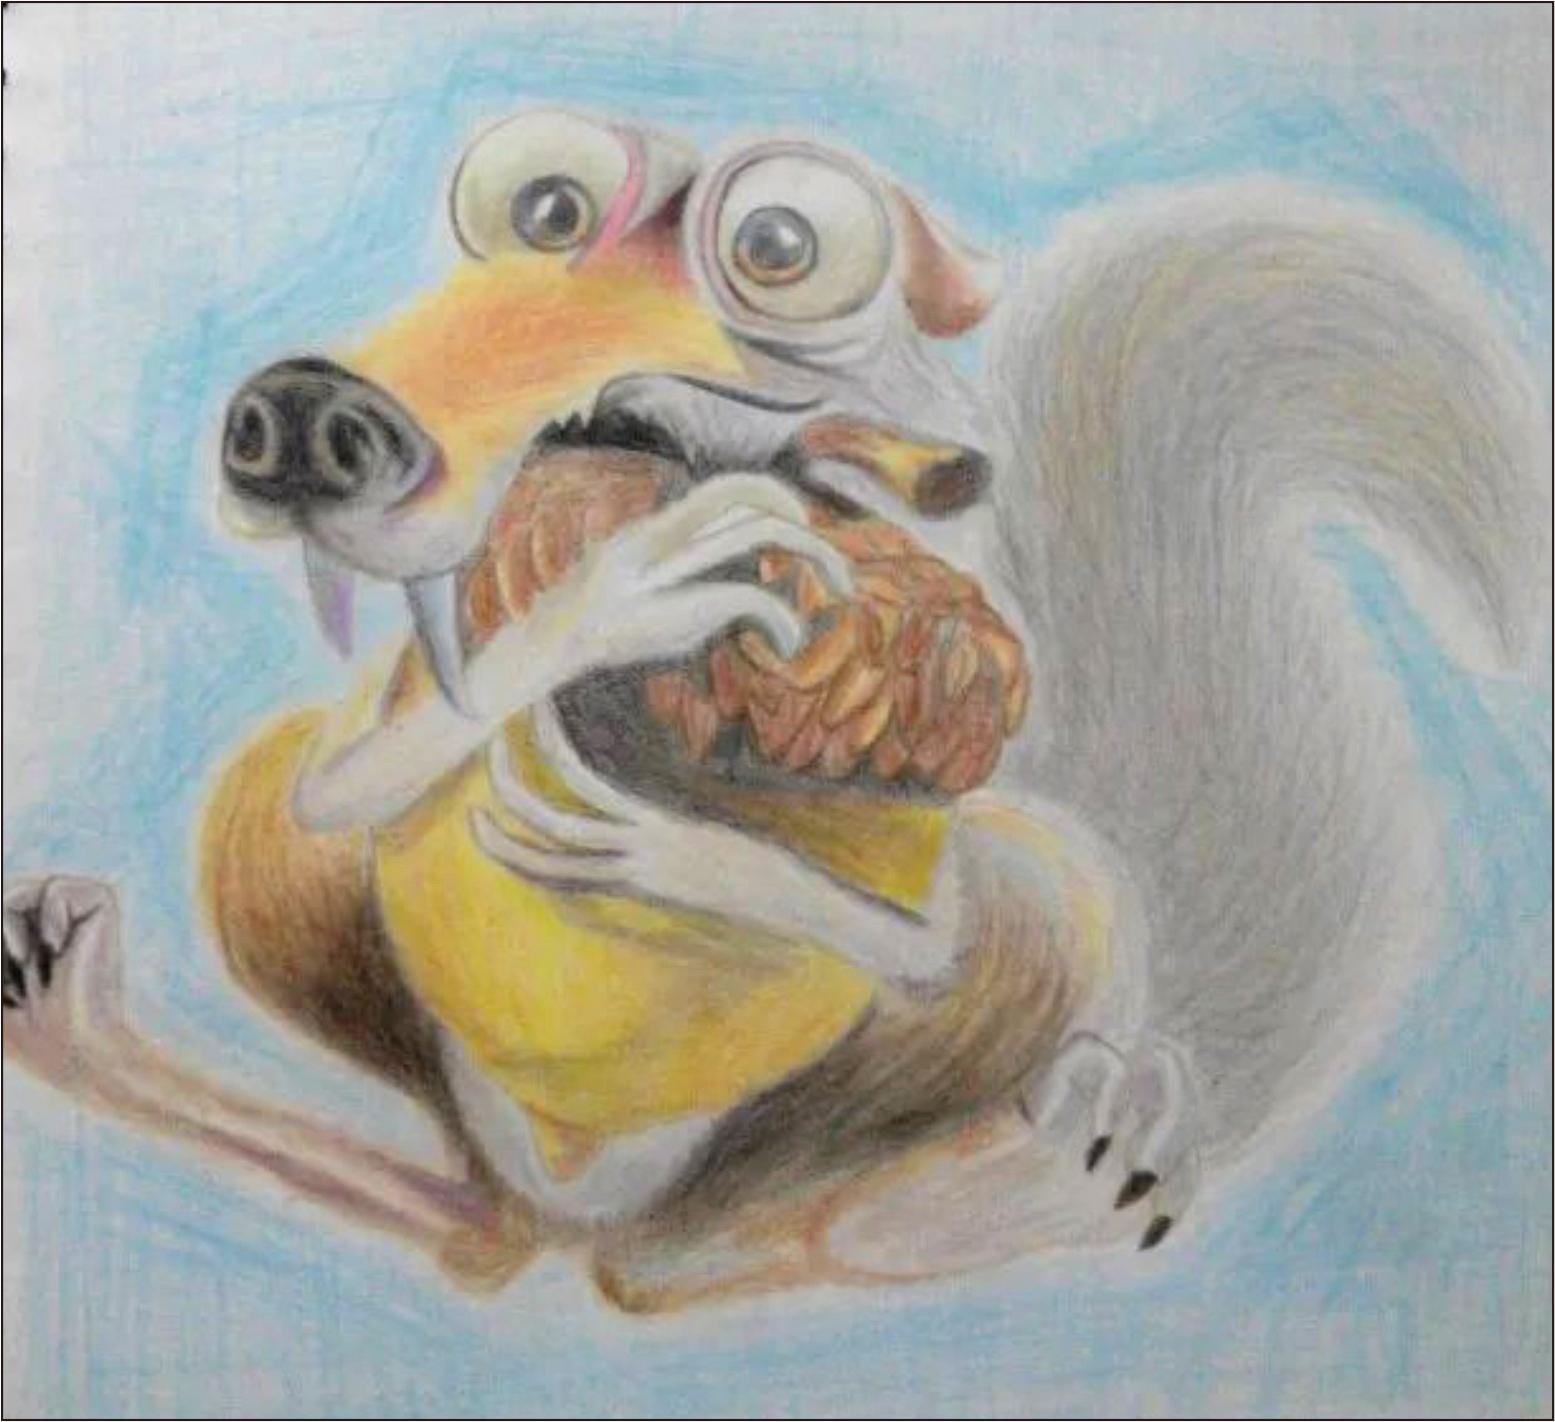 彩铅手绘|插画|插画习作|做梦鹰 - 原创作品 - 站酷